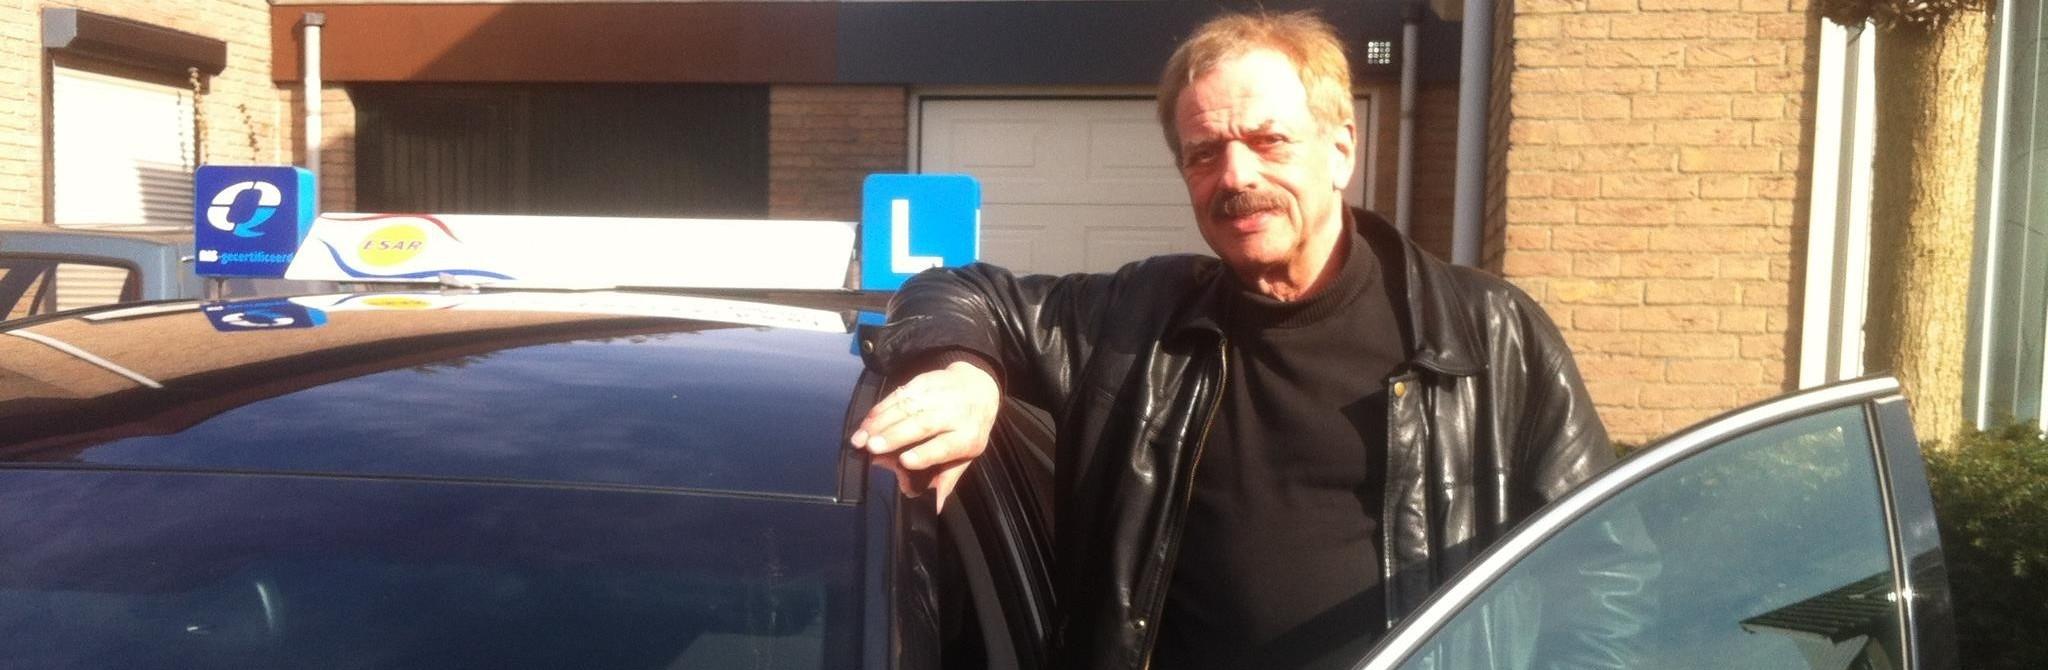 rijinstructeur Jan de Groot rijschool Esar Gorinchem